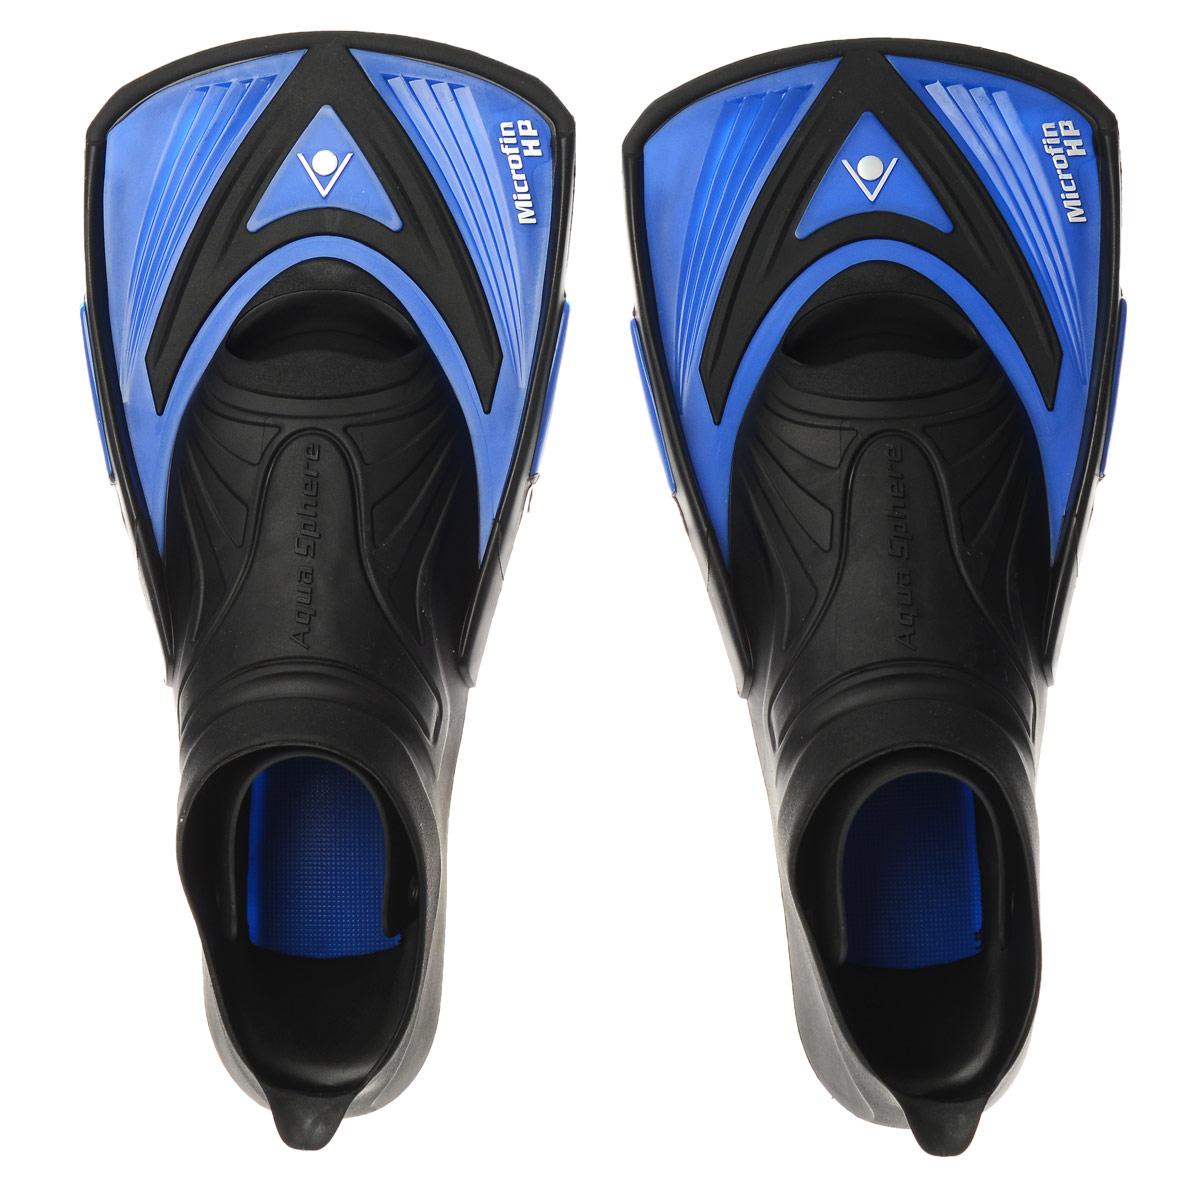 Ласты тренировочные Aqua Sphere Microfin HP, цвет: синий. Размер 40/41TN 221400 (205390)Aqua Sphere Microfin HP - это ласты для энергичной манеры плавания, предназначенные для серьезных спортивных тренировок. Уникальный дизайн ласт обеспечивает достаточное сопротивление воды для силовых тренировок и поддерживает ноги близко к поверхности воды - таким образом, пловец занимает правильное положение, гарантирующее максимальную обтекаемость. Особенности: Галоша с закрытой пяткой выполнена из прочного термопластика. Короткие лопасти удерживают ноги пловца близко к поверхности воды. Позволяют развивать силу мышц и поддерживать их в тонусе, одновременно совершенствуя технику плавания.